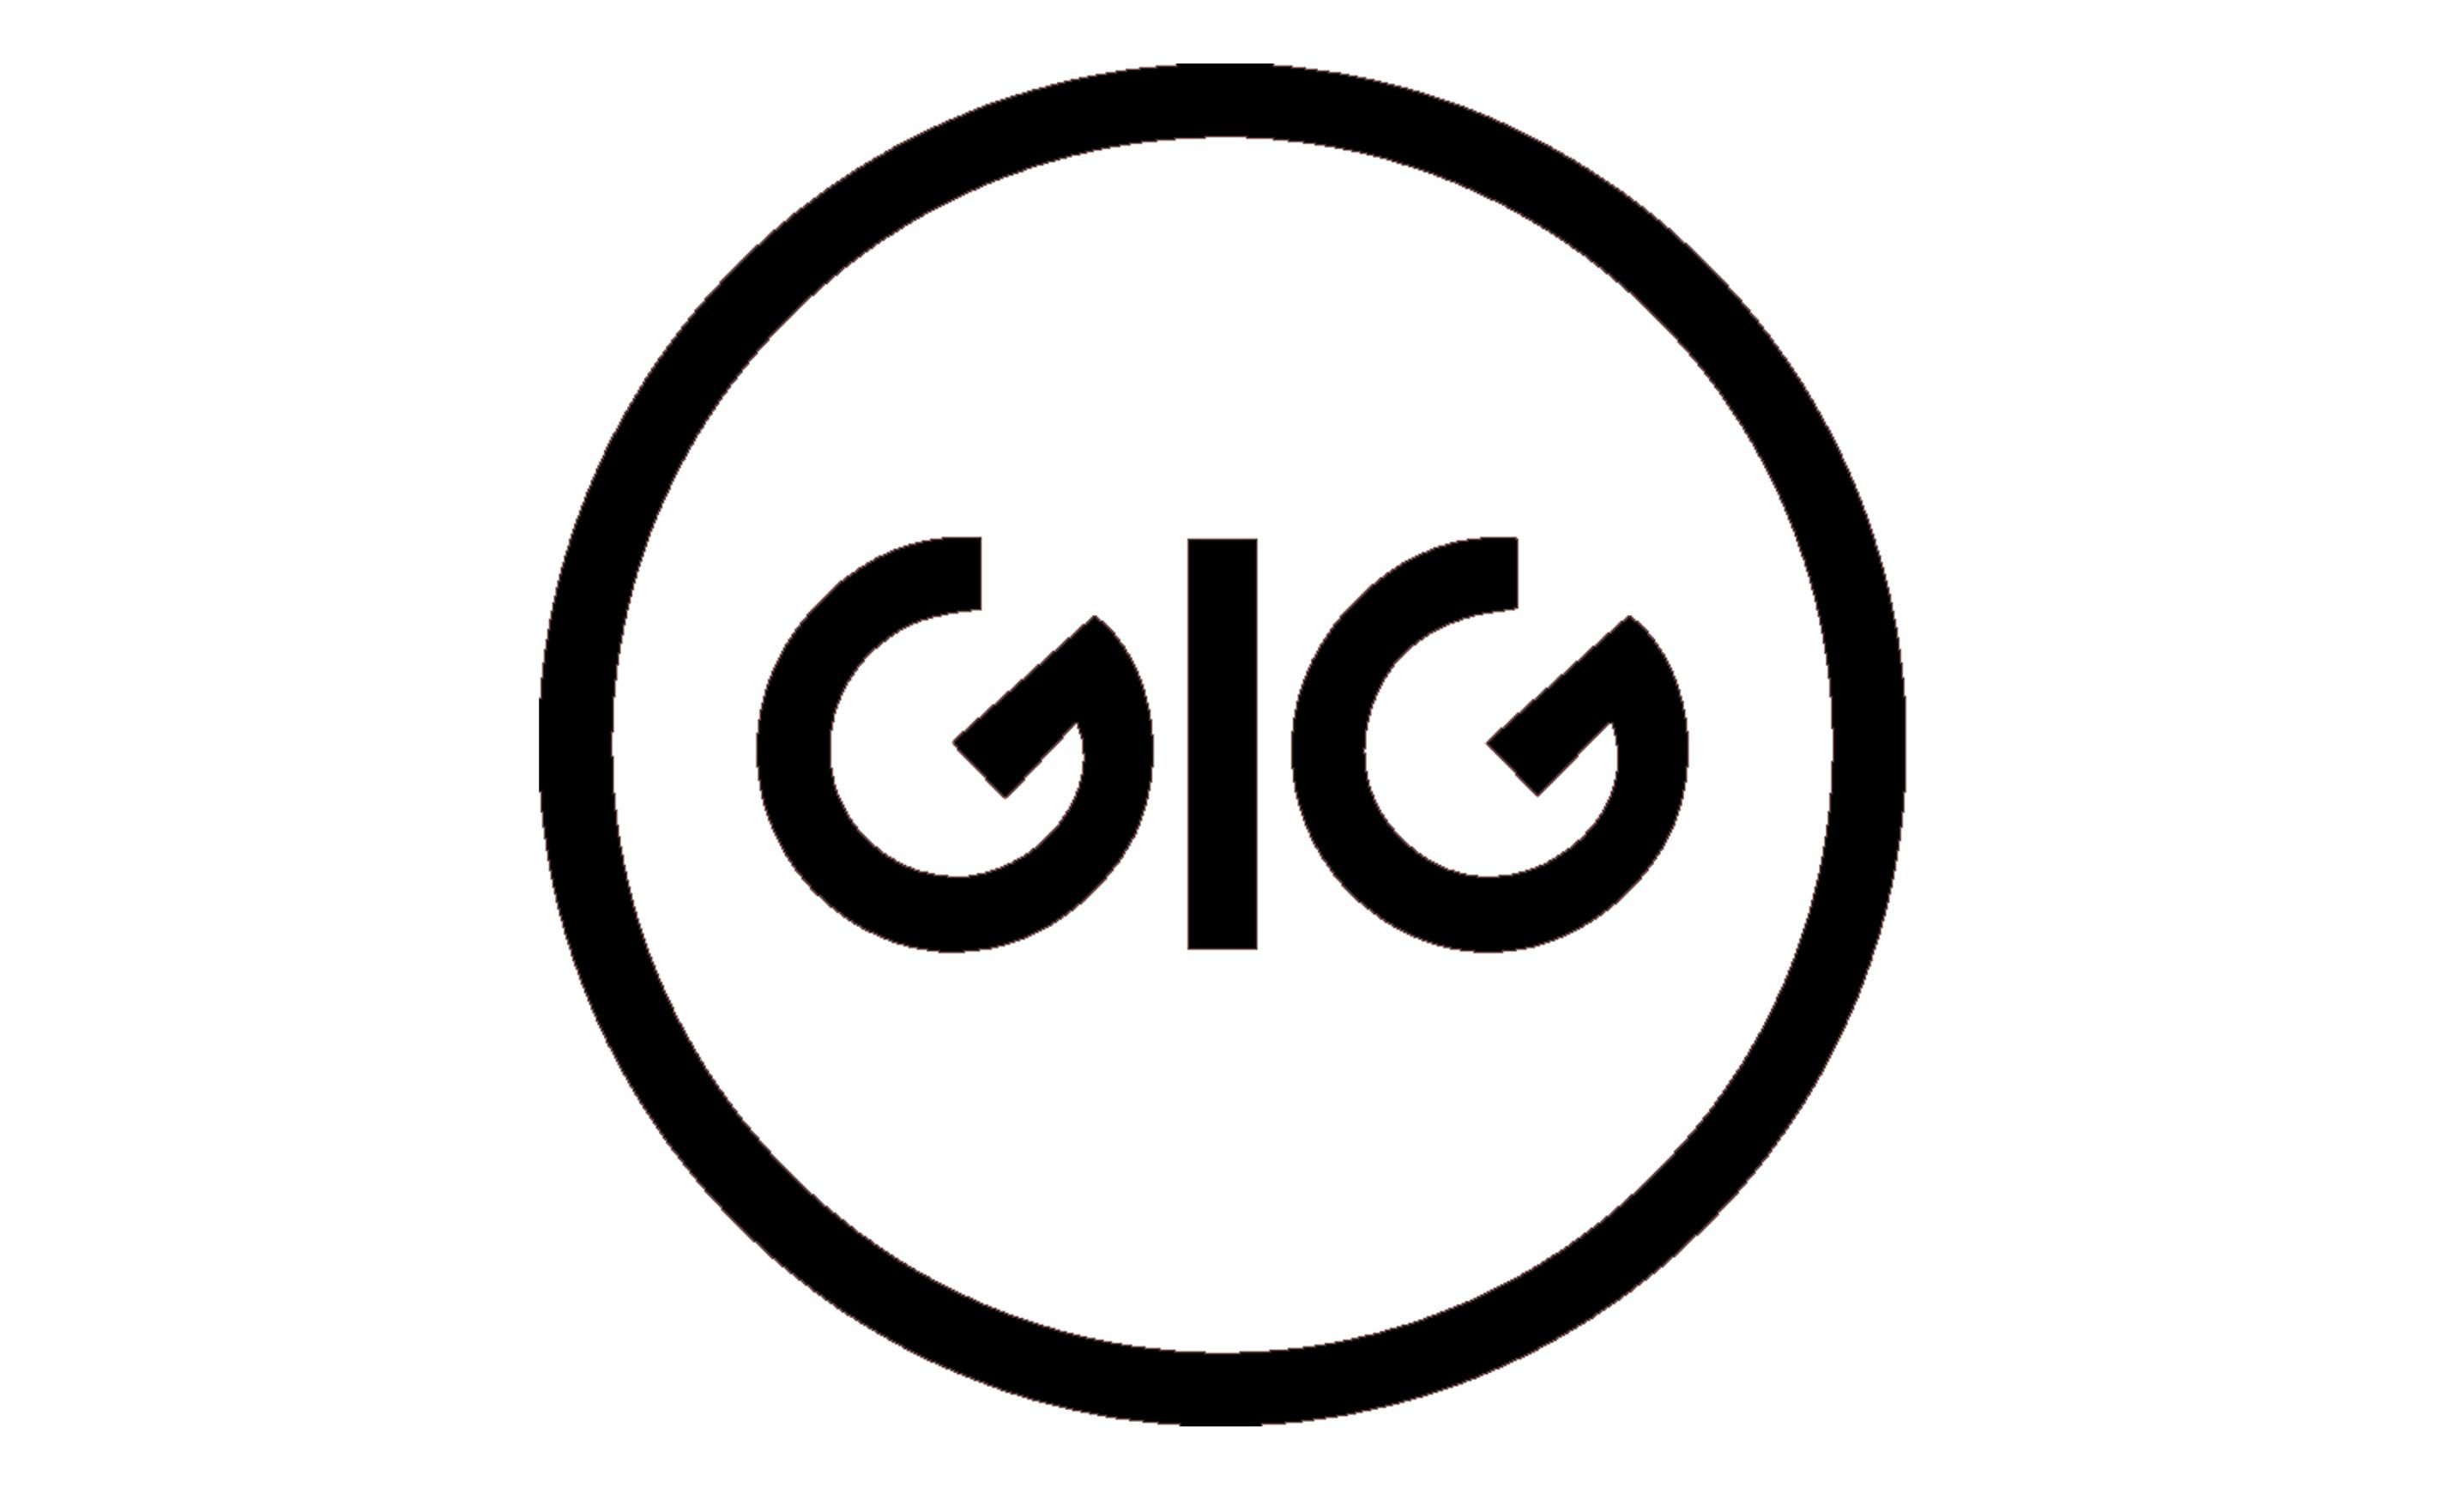 GIG-01